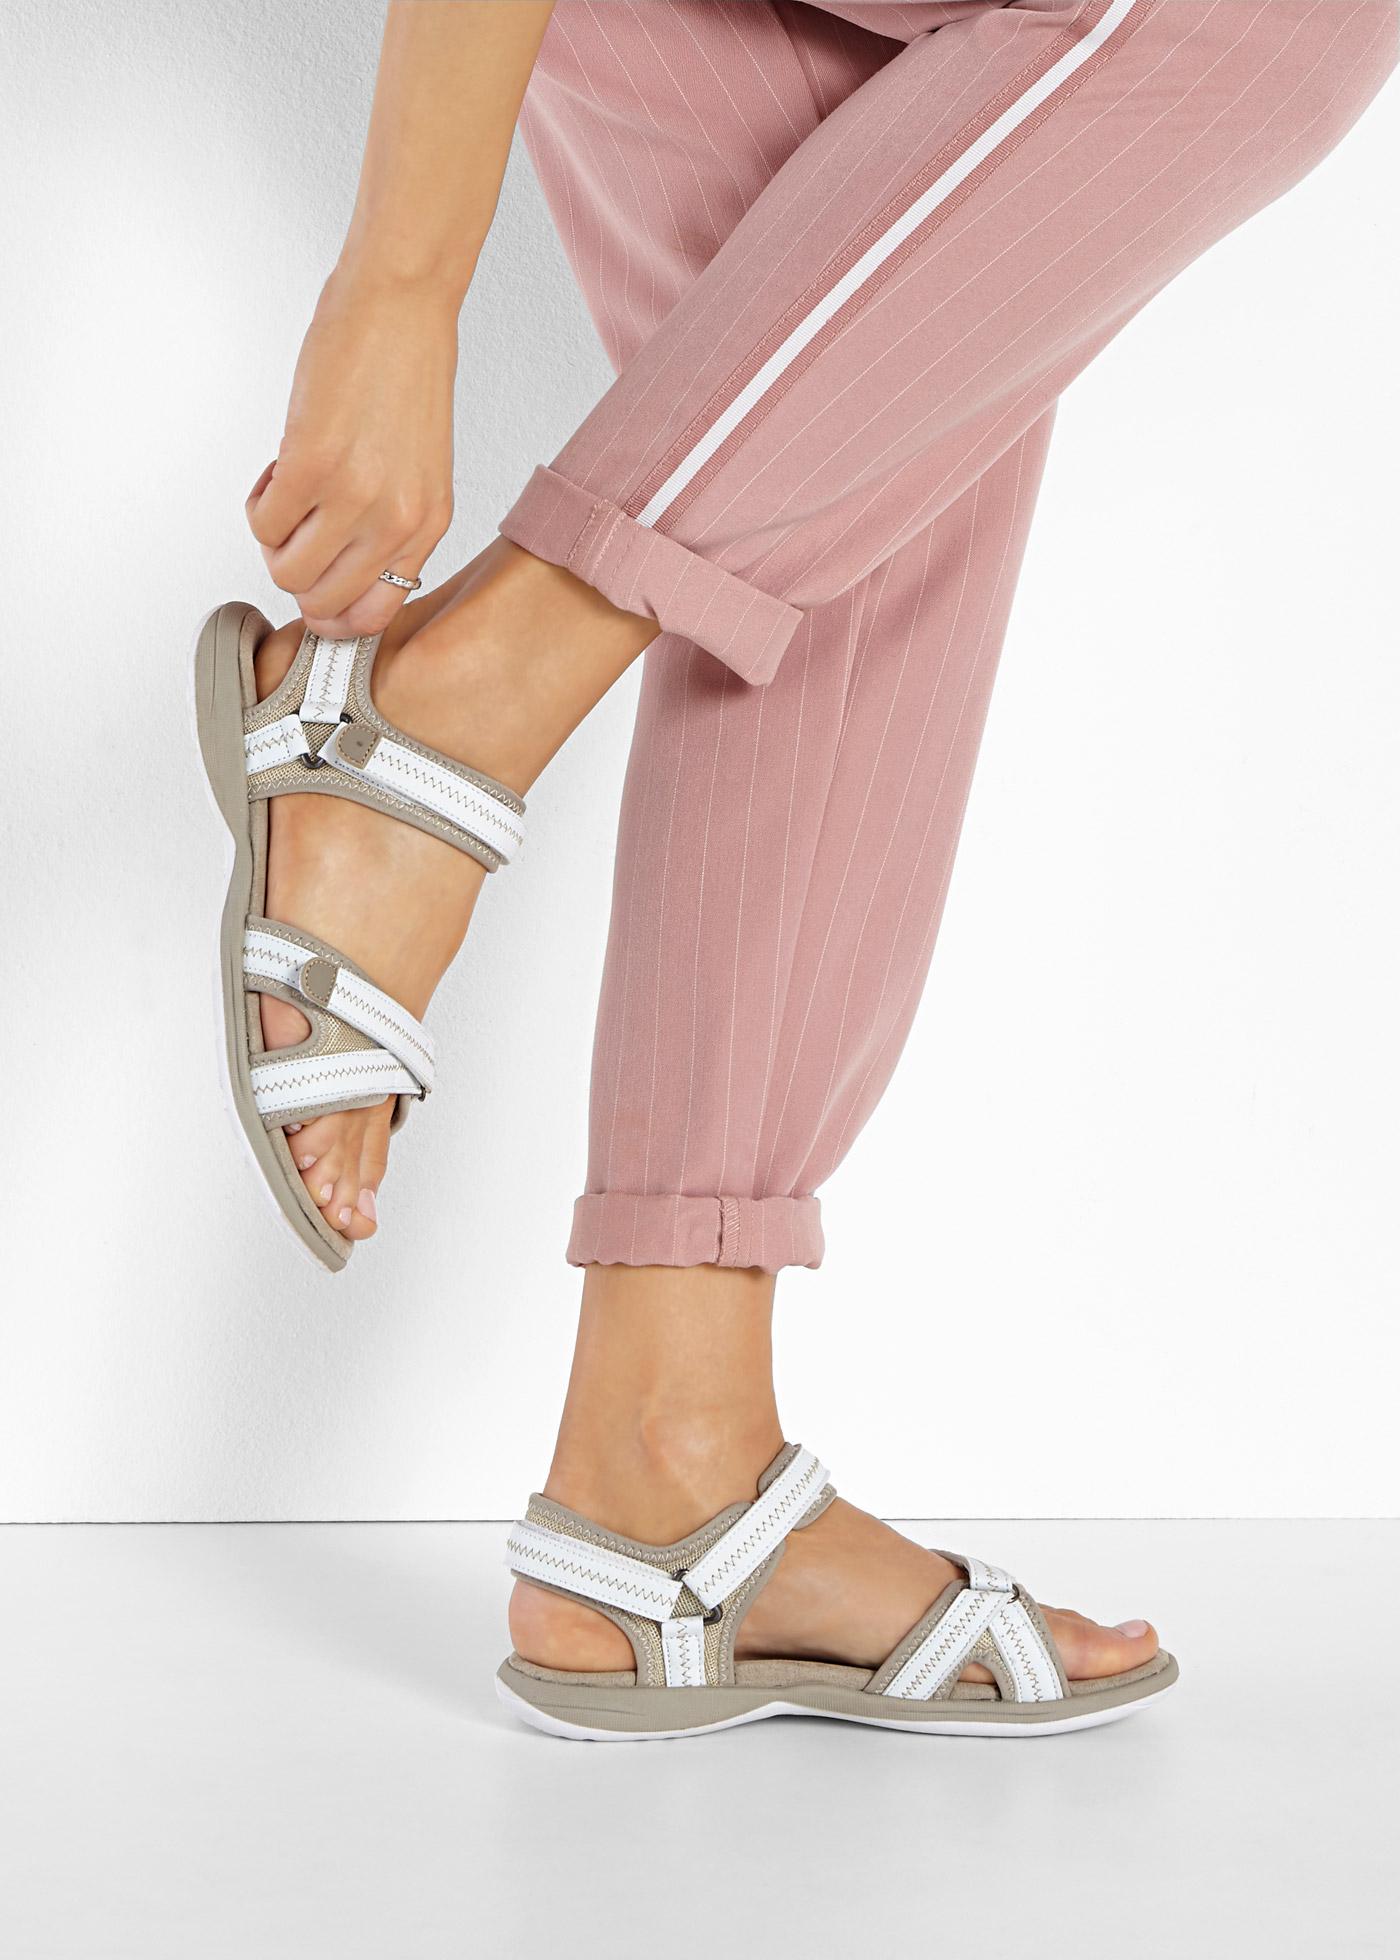 Sandalen met een geprofileerde loopzool, zacht gewatteerde bandjes en handige, verstelbare ...